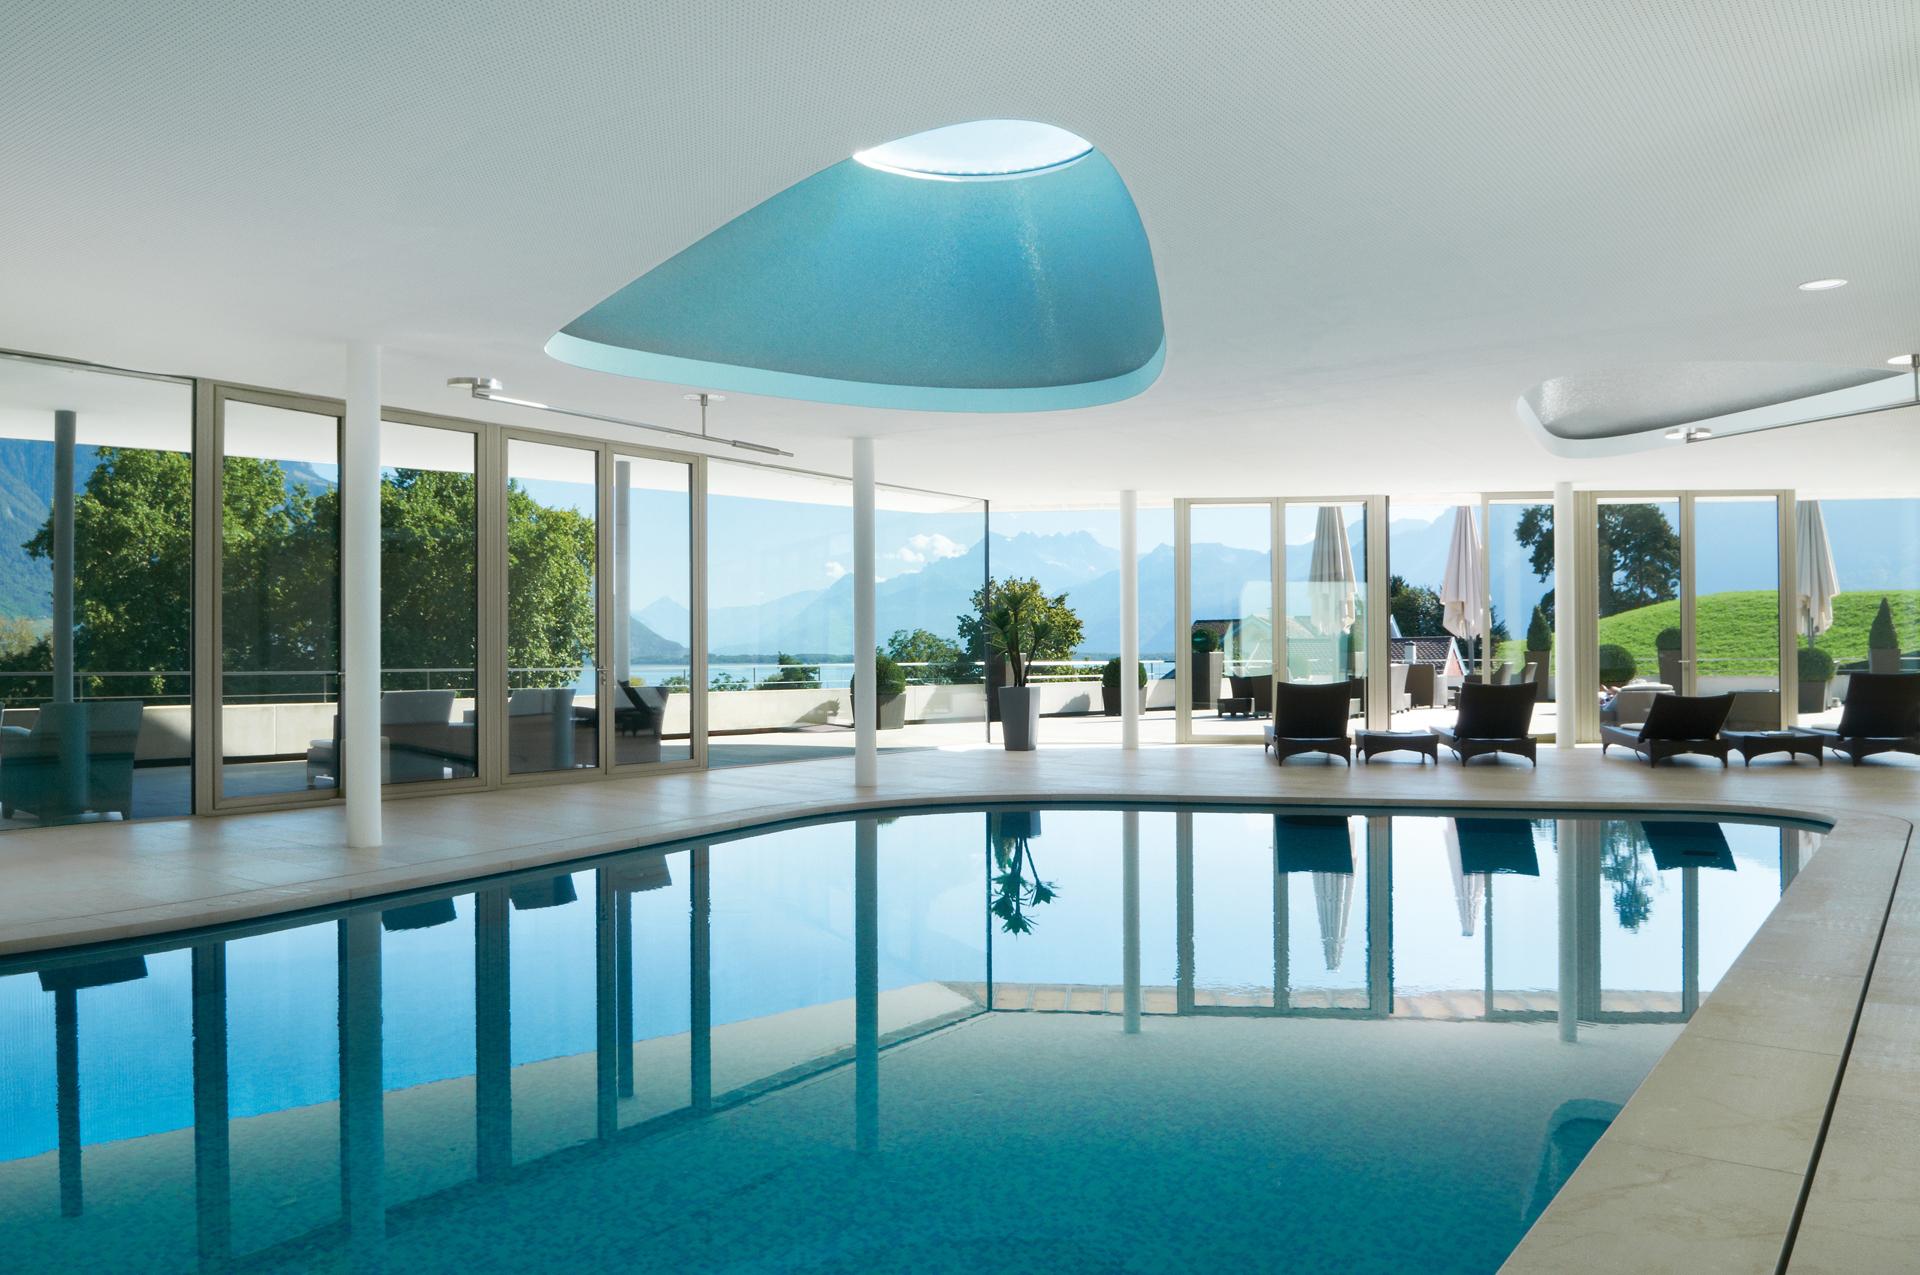 Piletas internas calefaccionadas con ventanales vista a los Alpes Suizos (Fine Hotels Spa & Resort of The World)